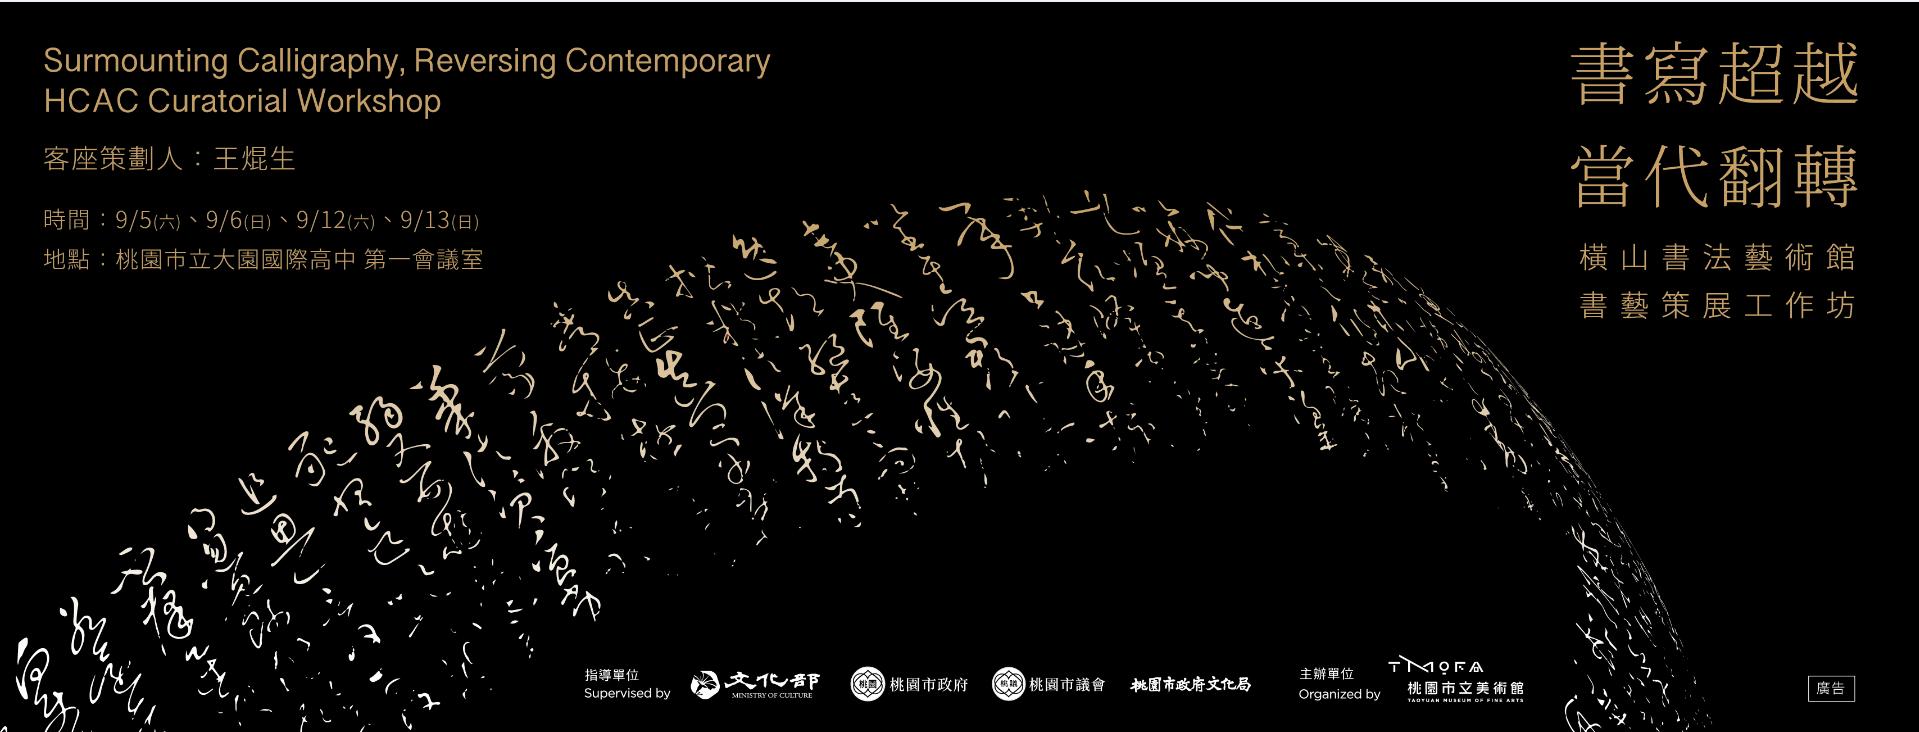 書寫超越,當代翻轉-橫山書法藝術館策展工作坊海報.png